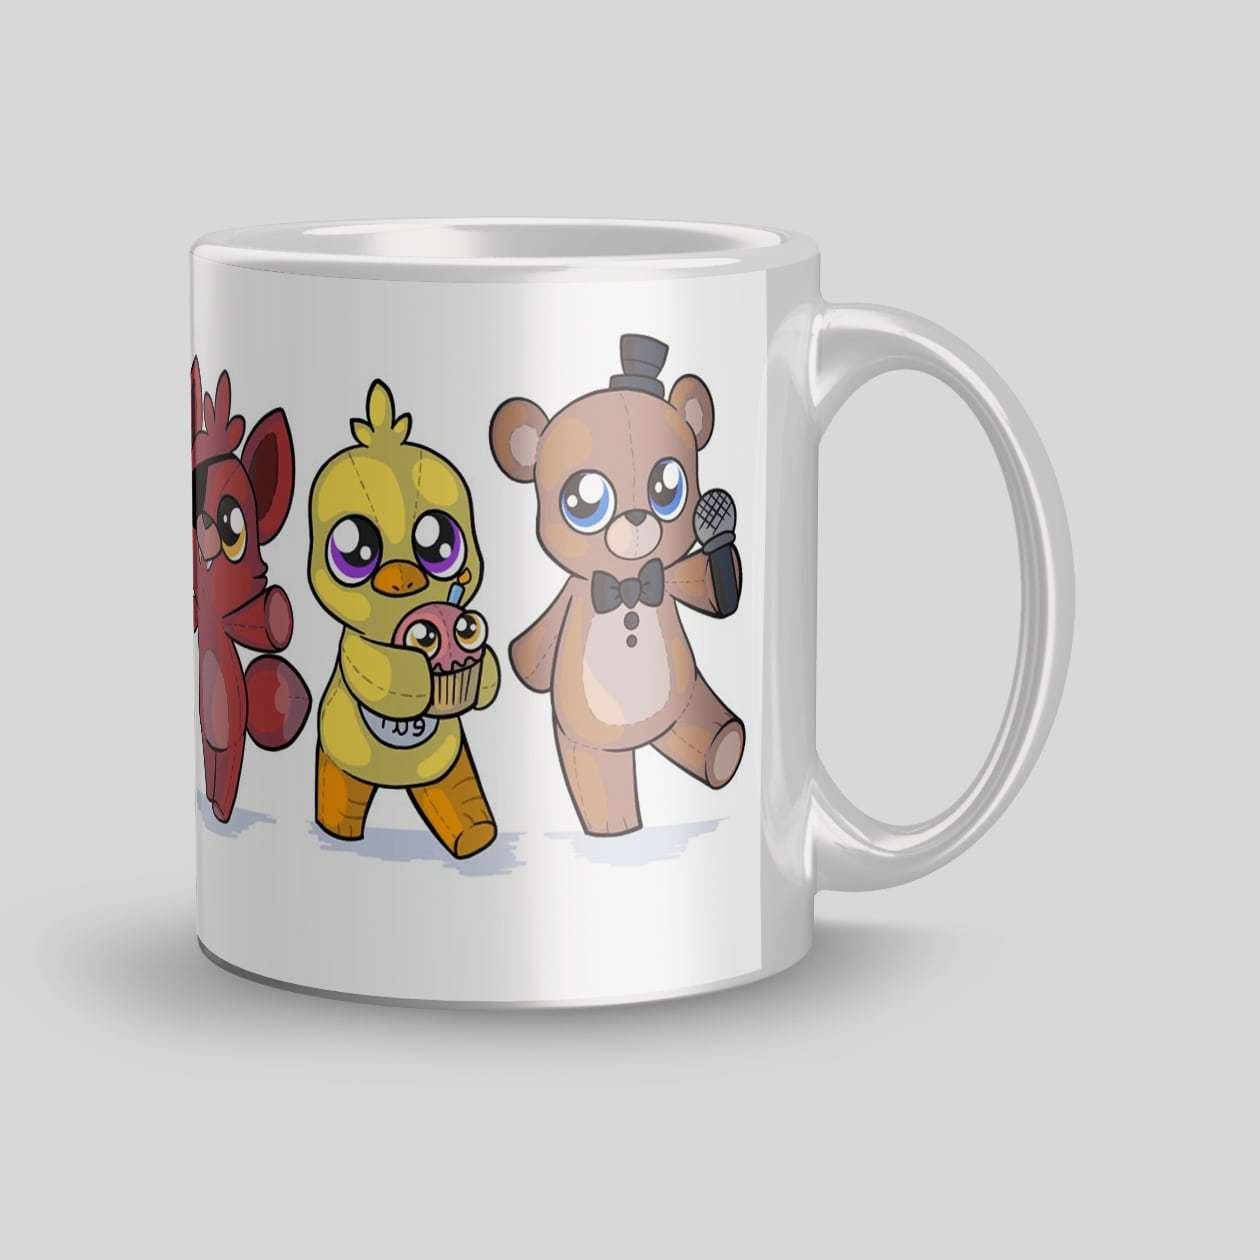 Кружка с героями ФНАФ №3 (2 ракурс) - купить в интернет-магазине kinoshop24.ru